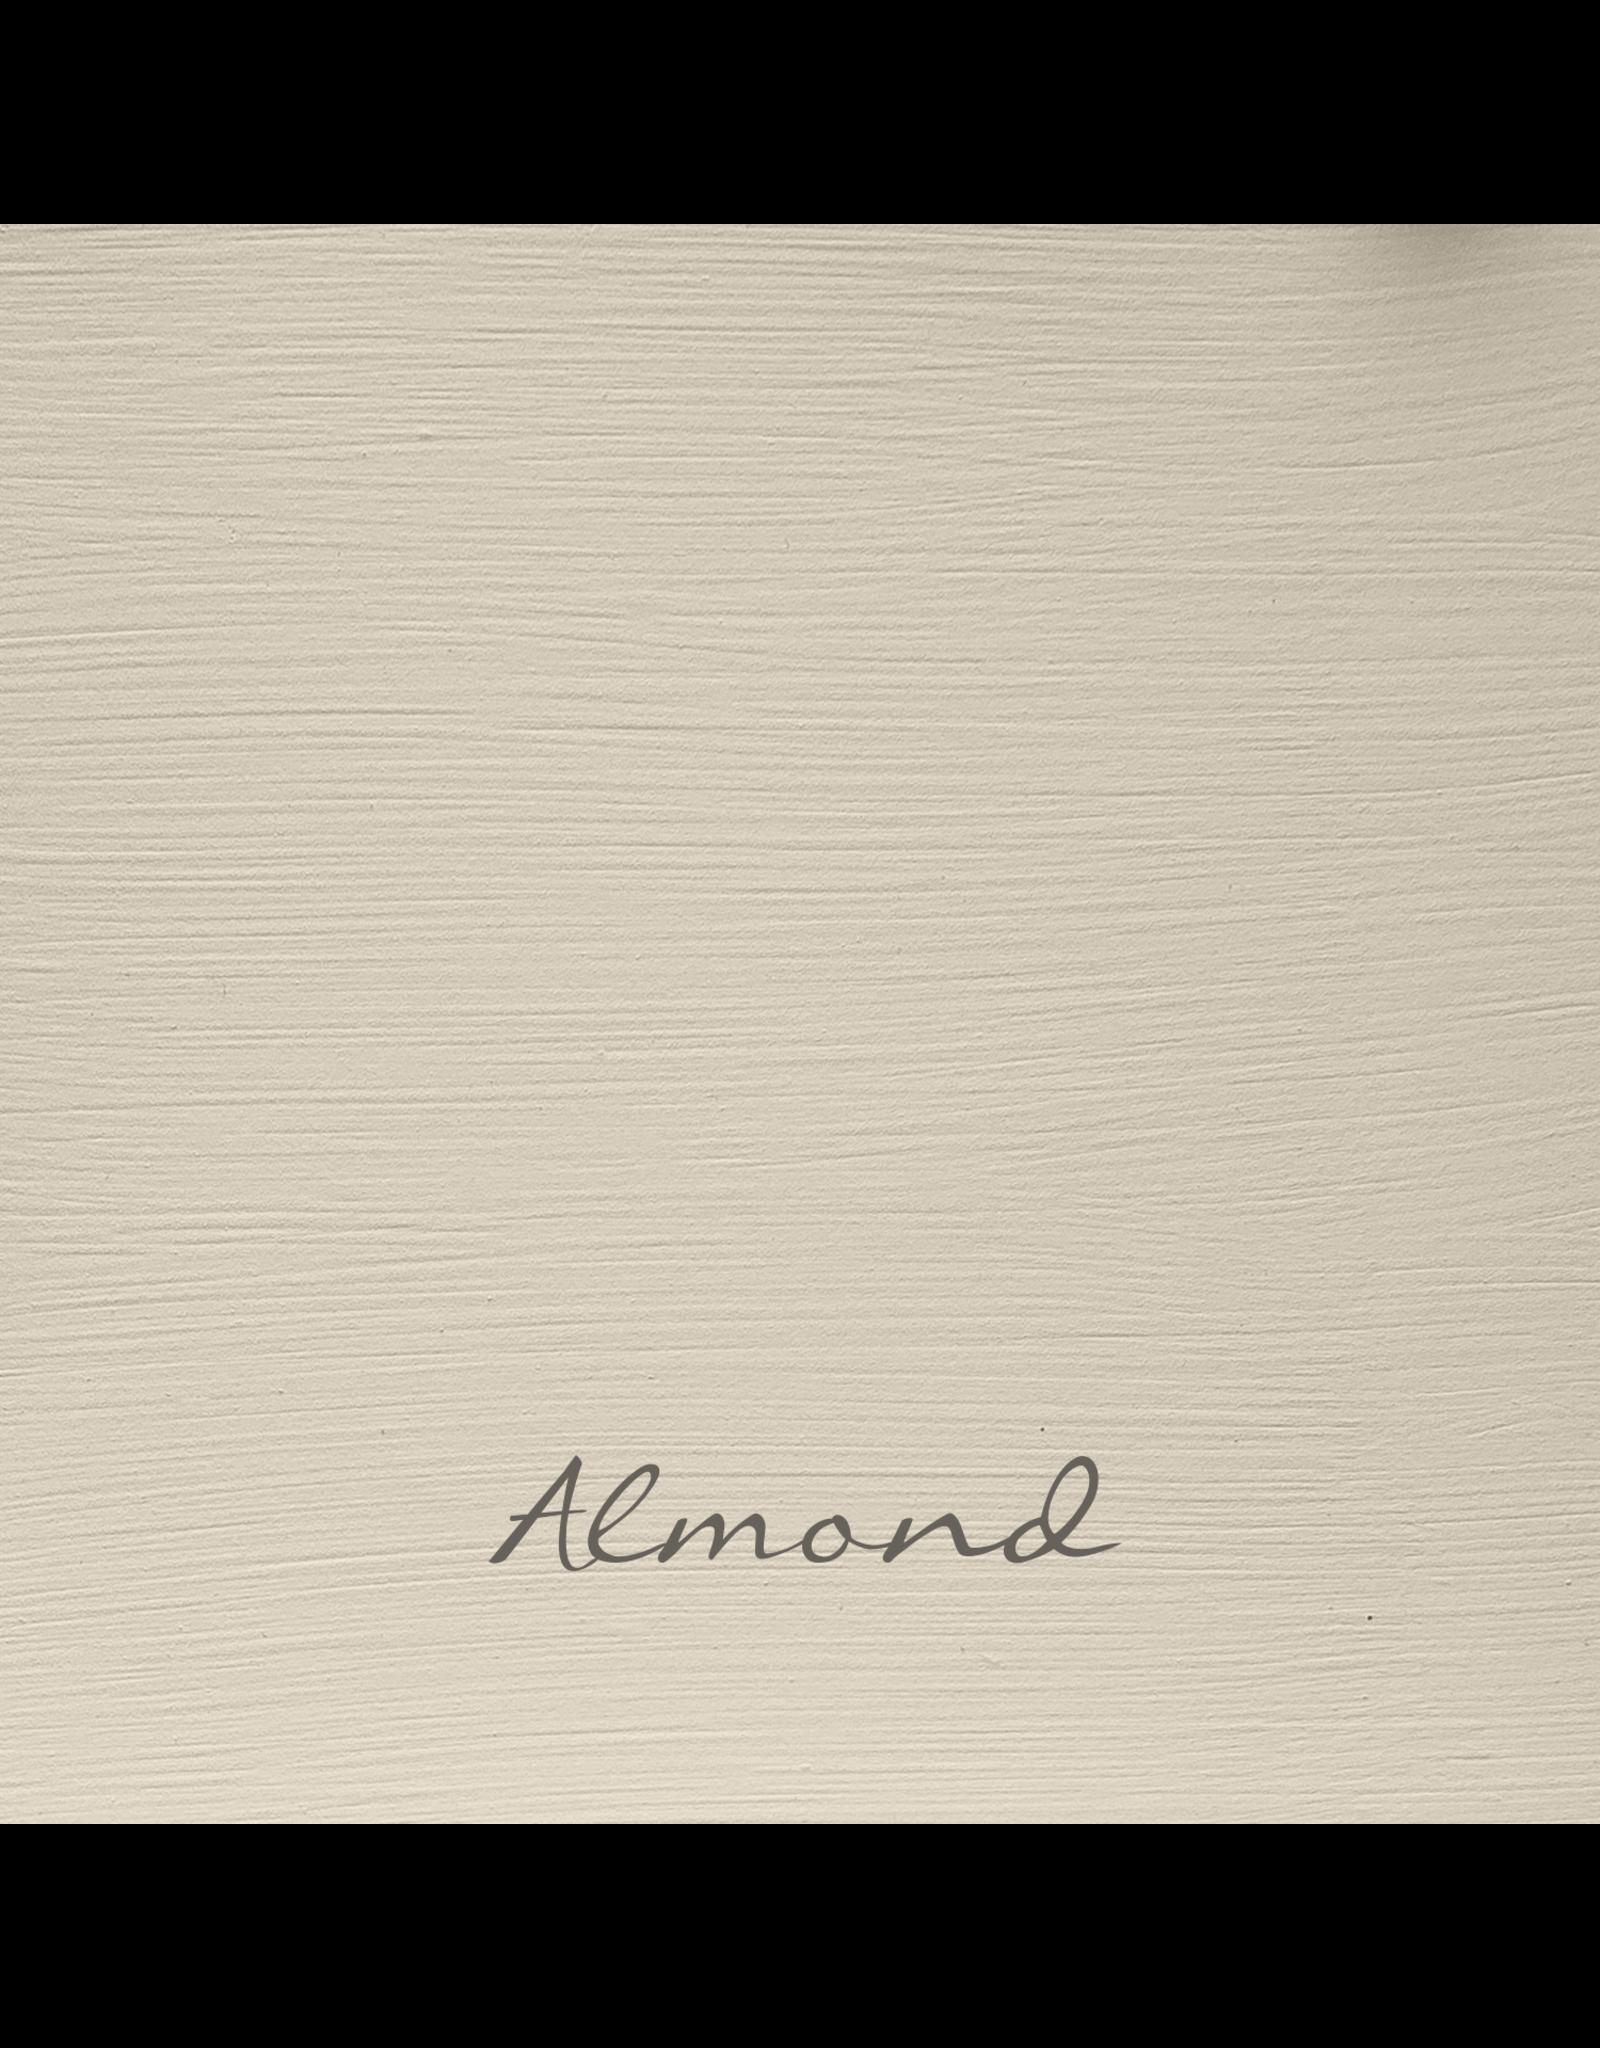 Autentico Paint Autentico Paint: Almond